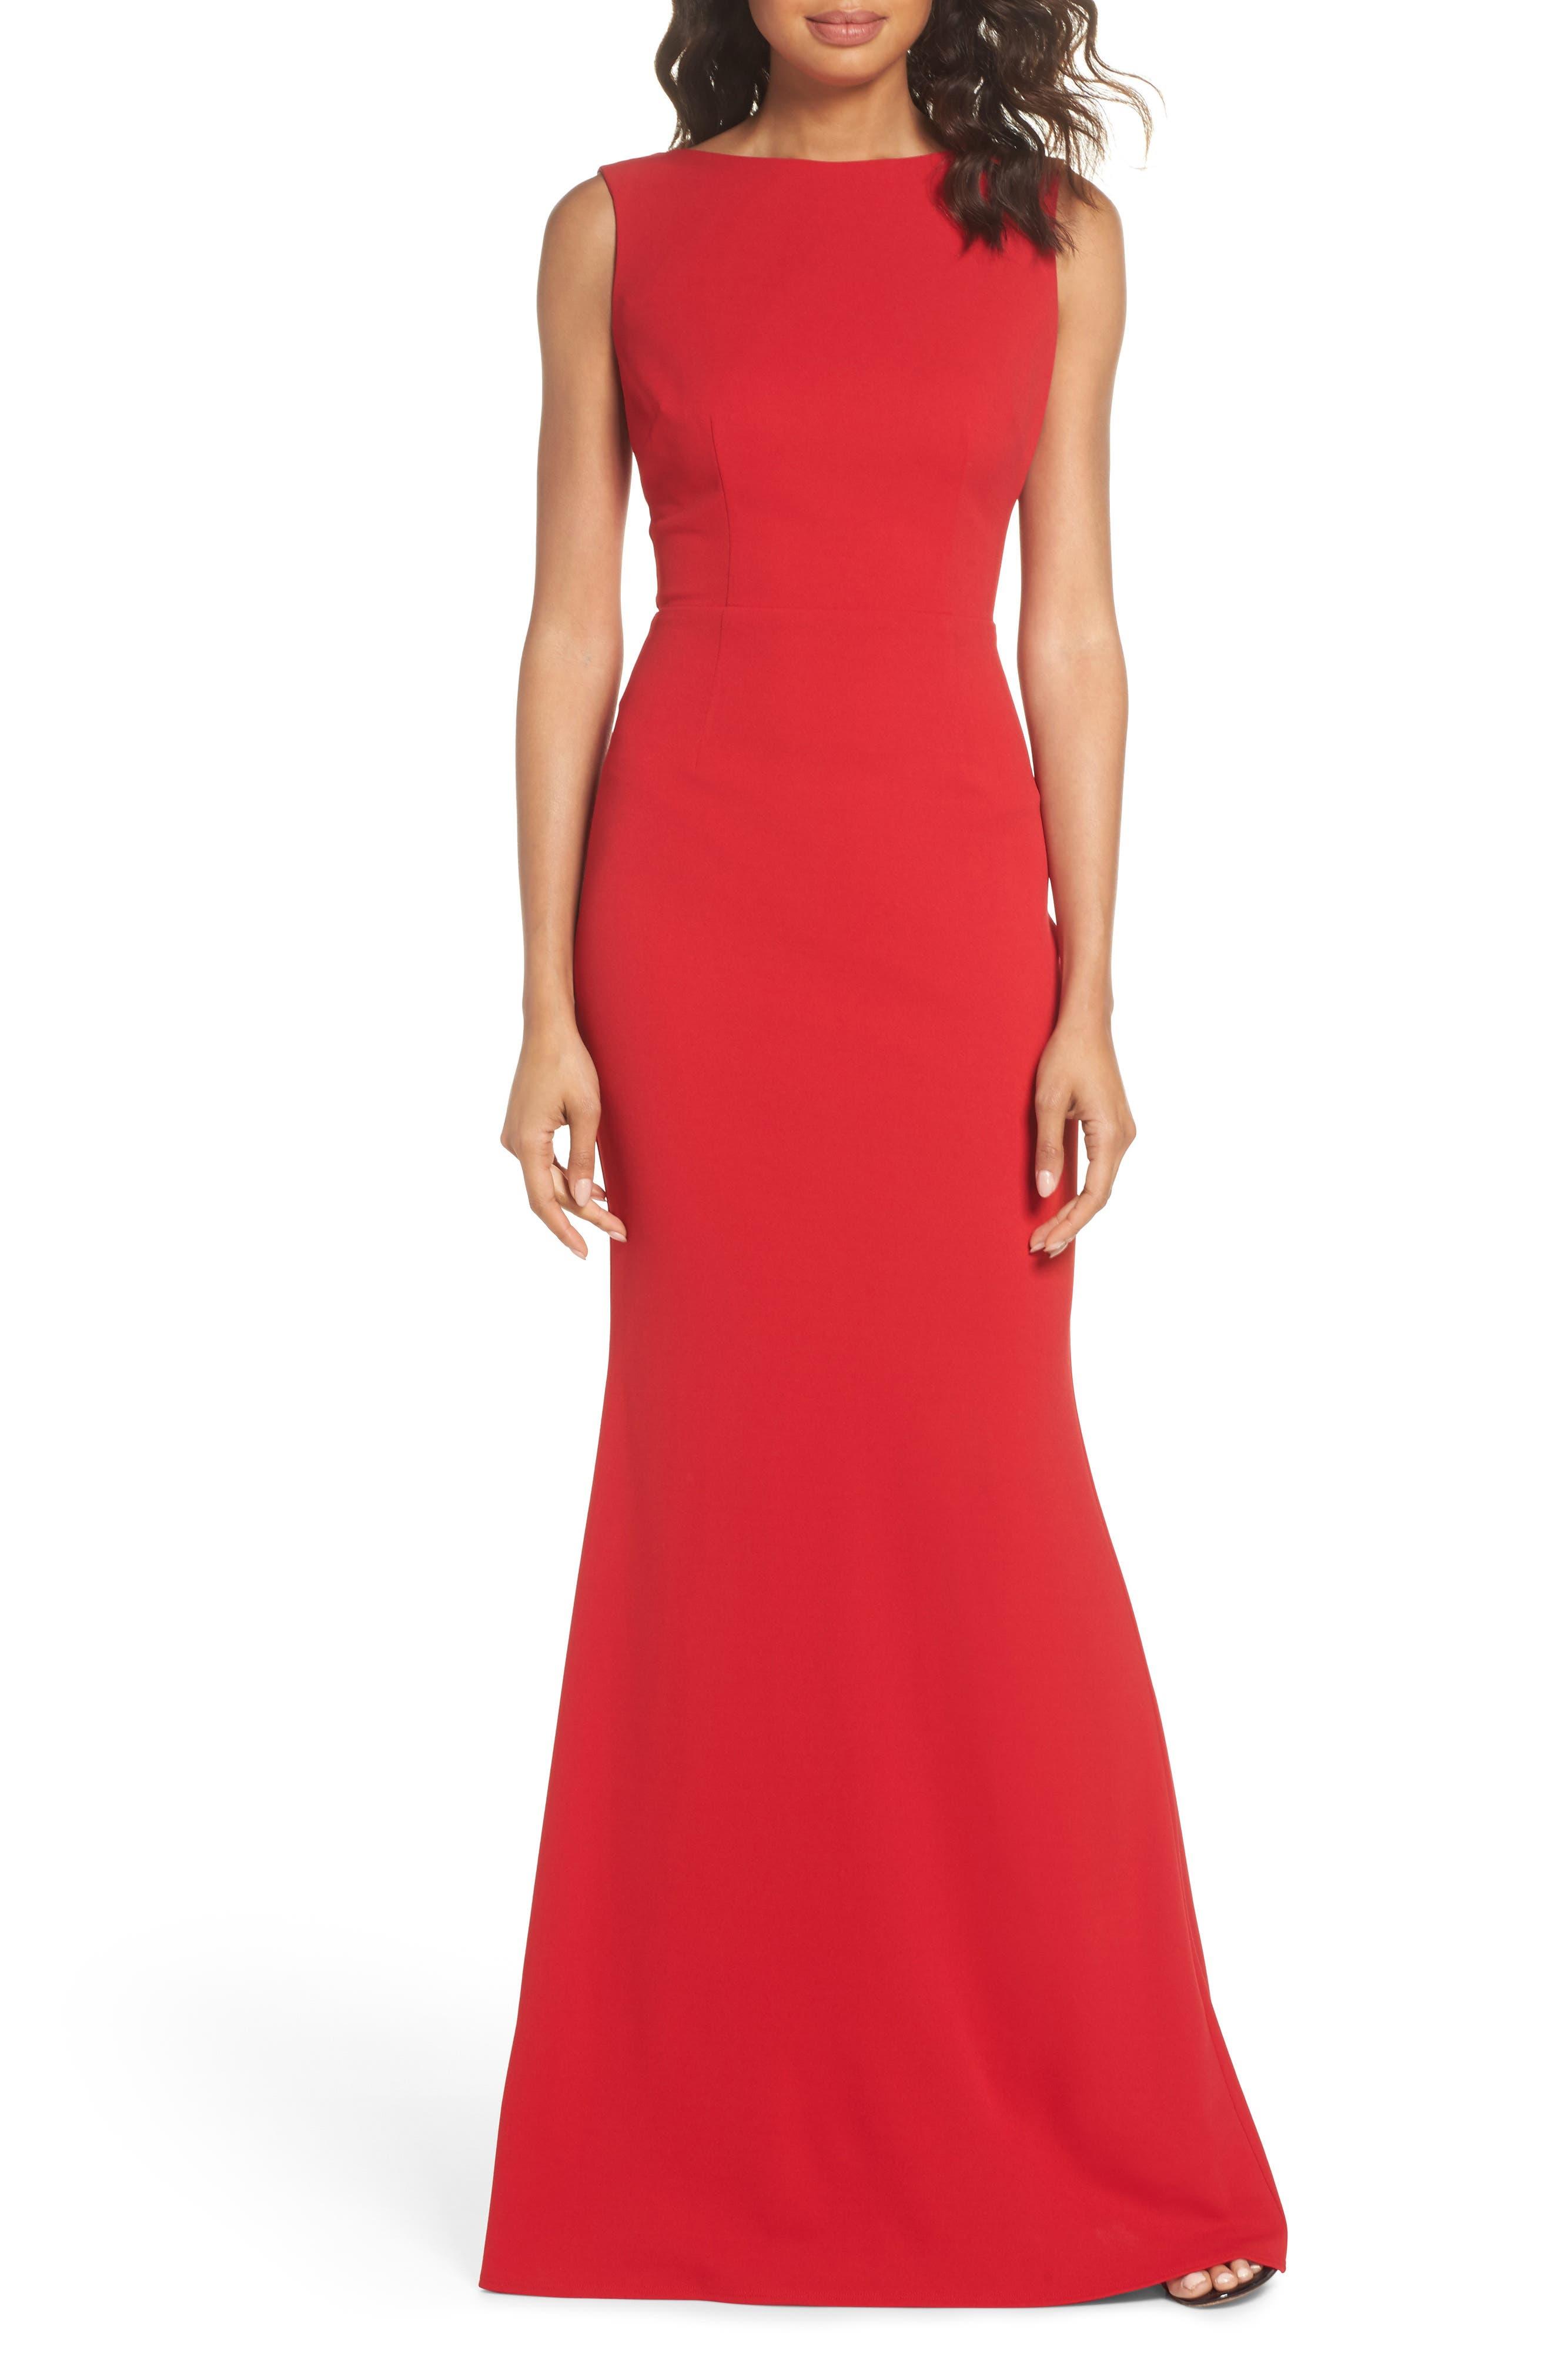 Vionnet Drape Back Crepe Gown,                             Main thumbnail 1, color,                             Red